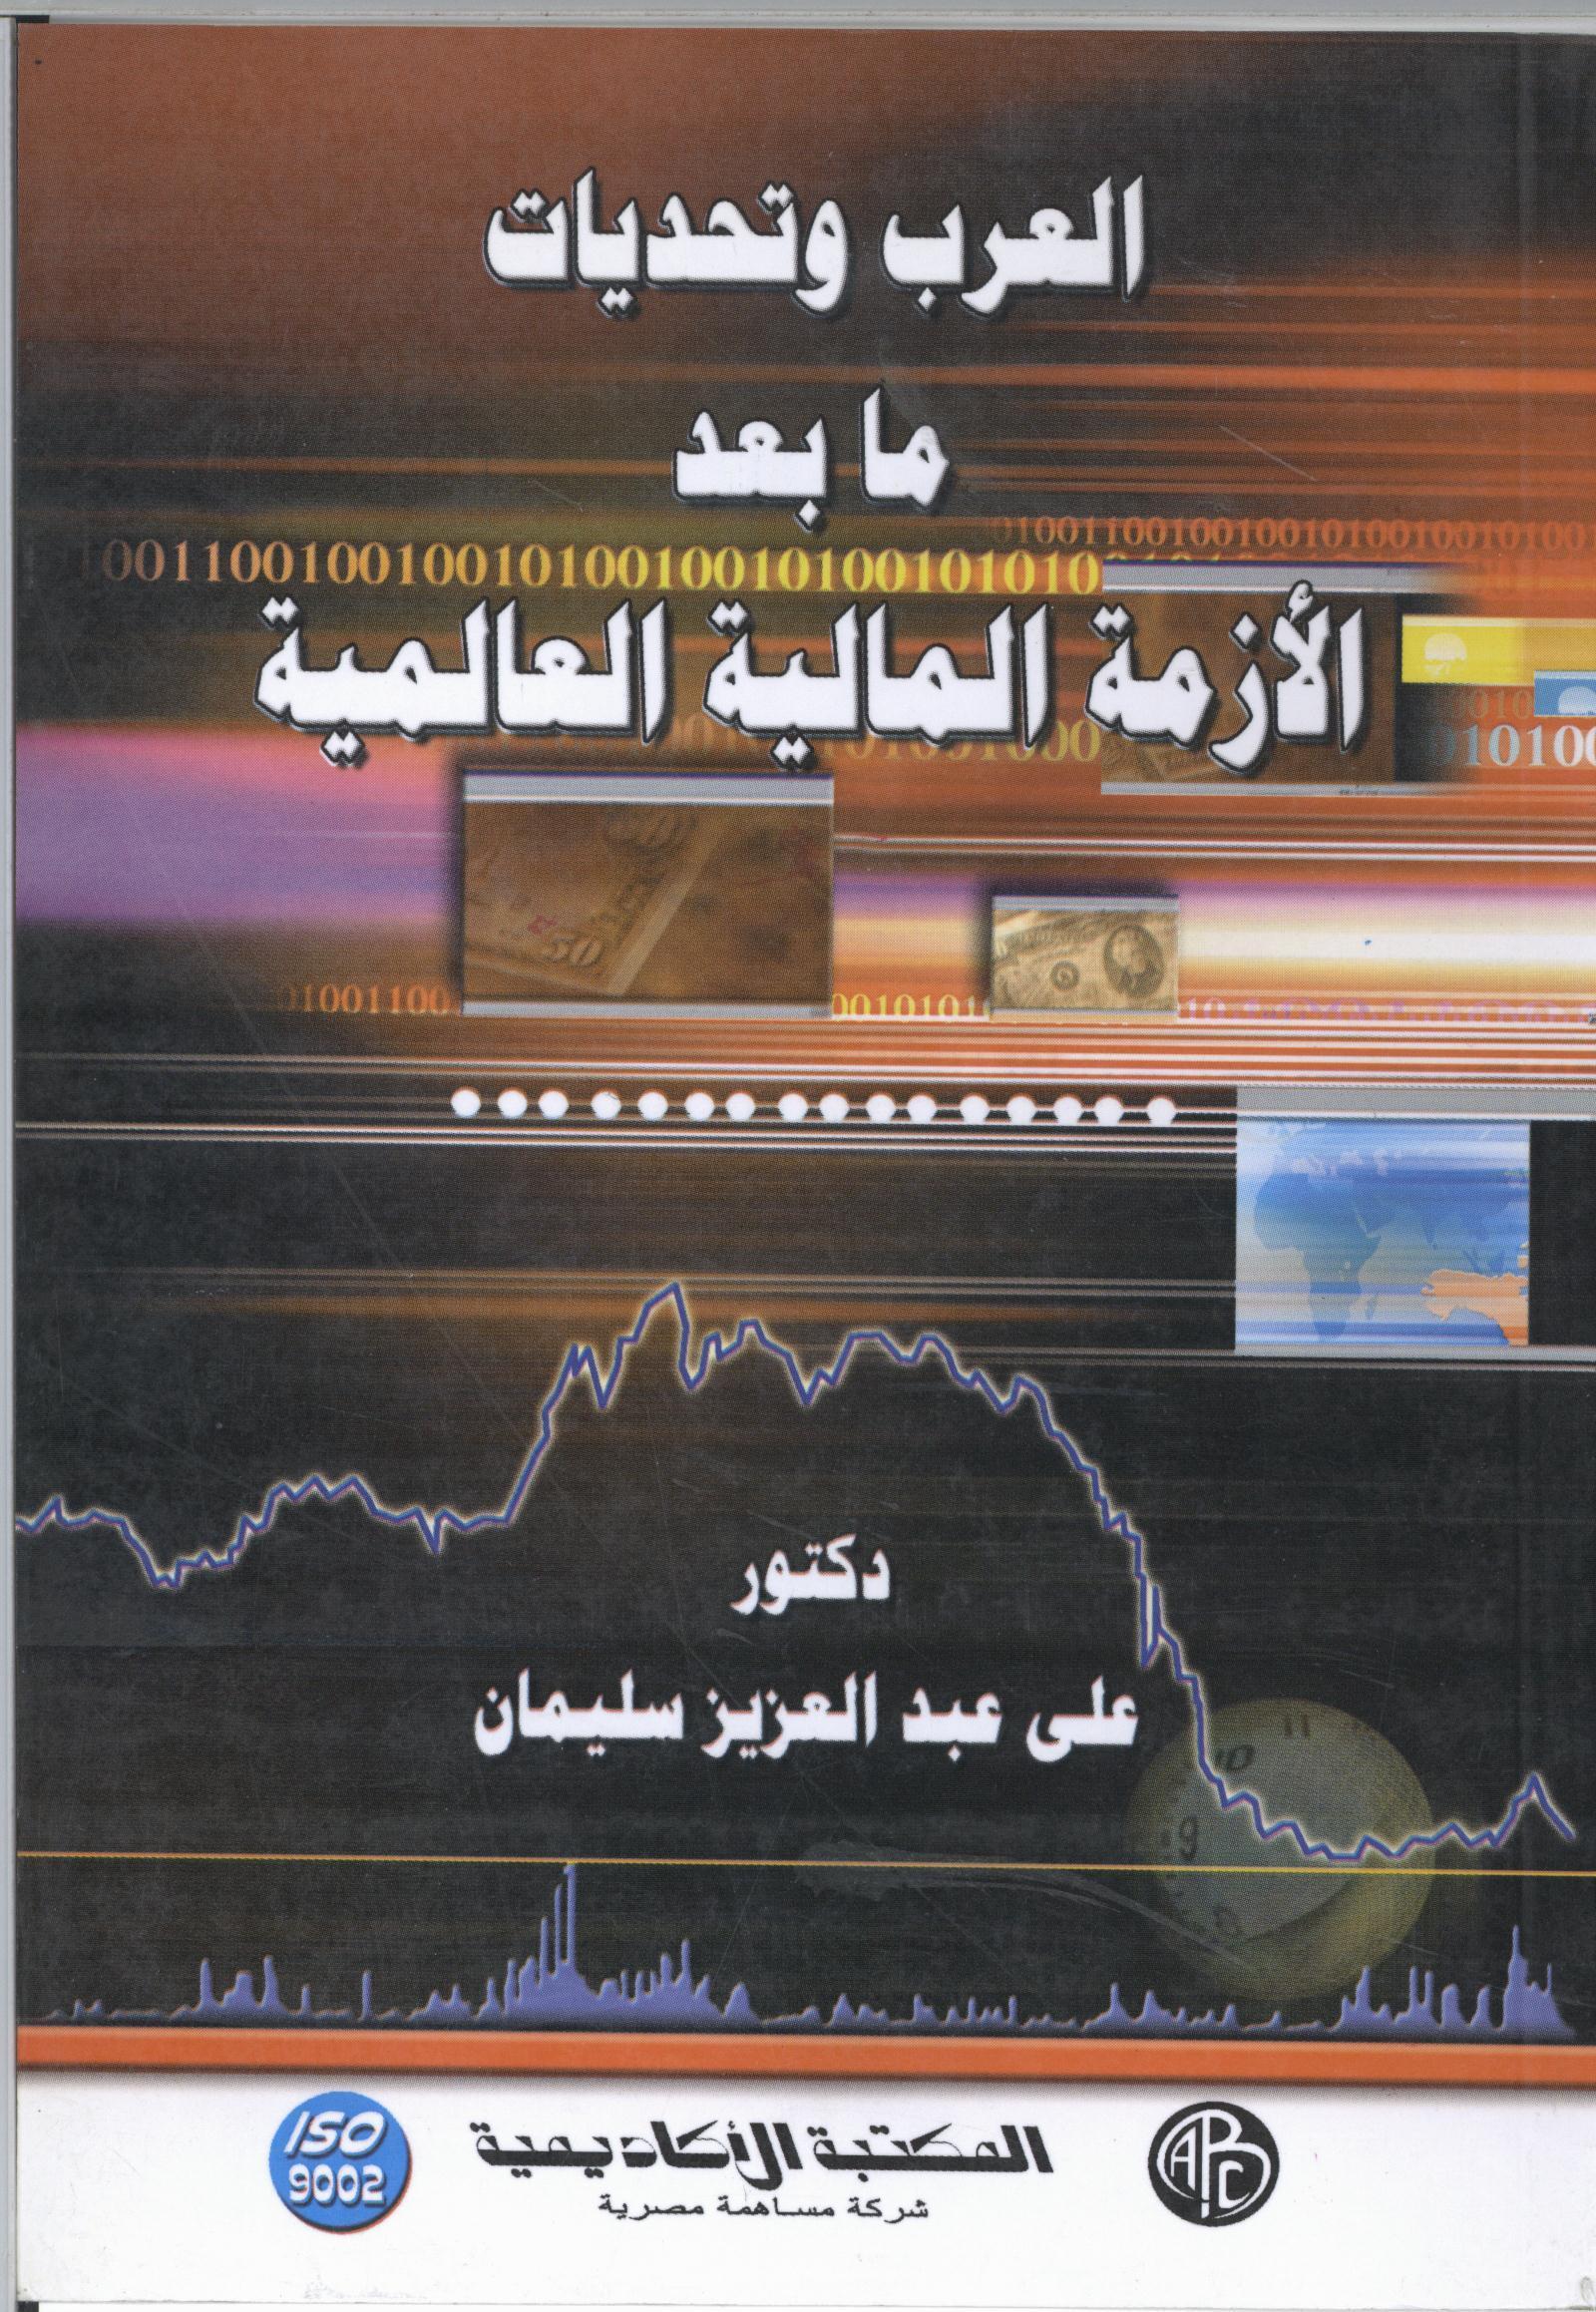 العرب وتحديات ما بعد الأزمة المالية العالمية